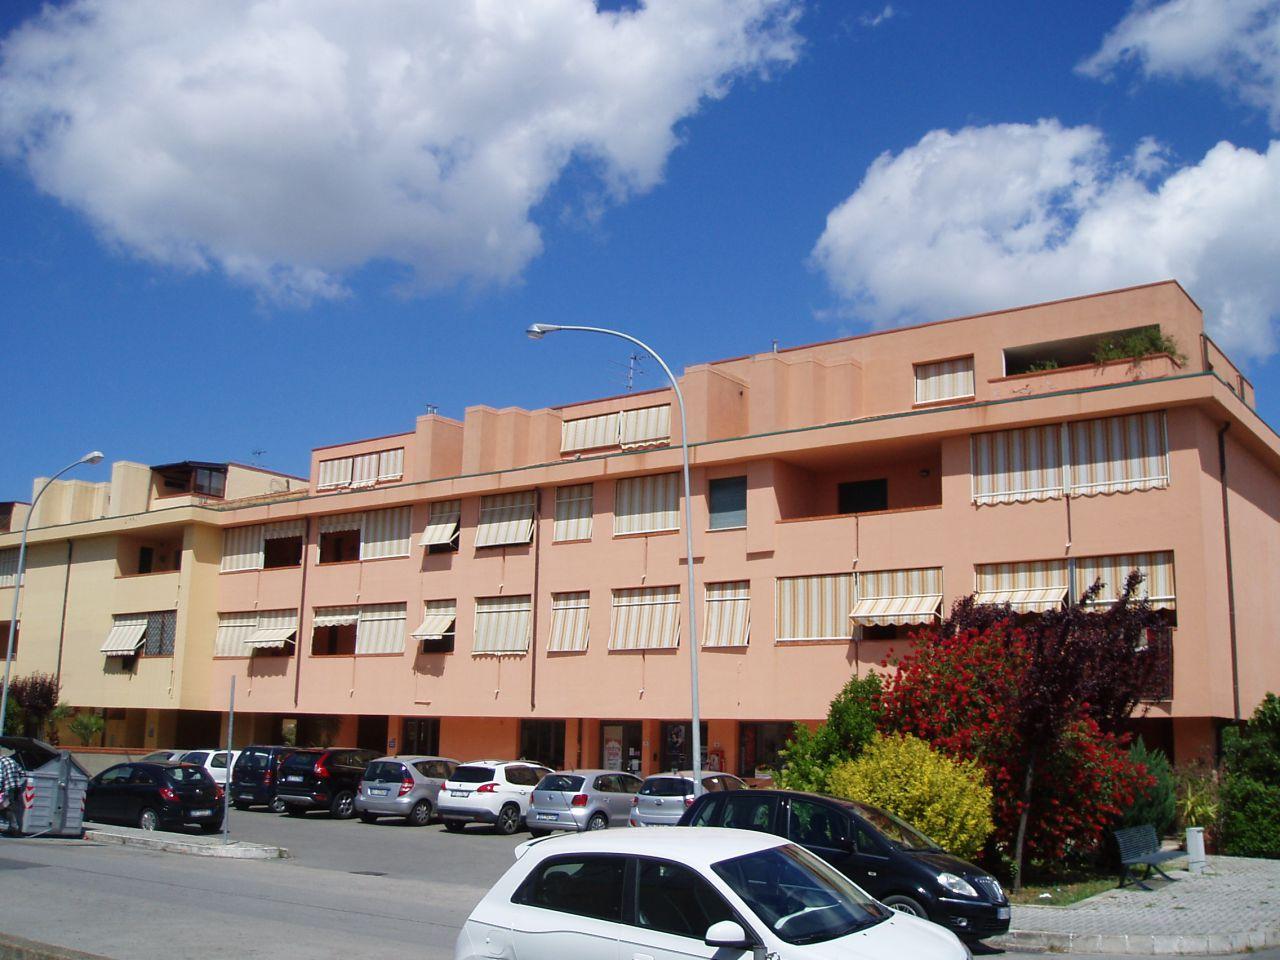 Appartamento in affitto a Grosseto, 2 locali, Trattative riservate | CambioCasa.it